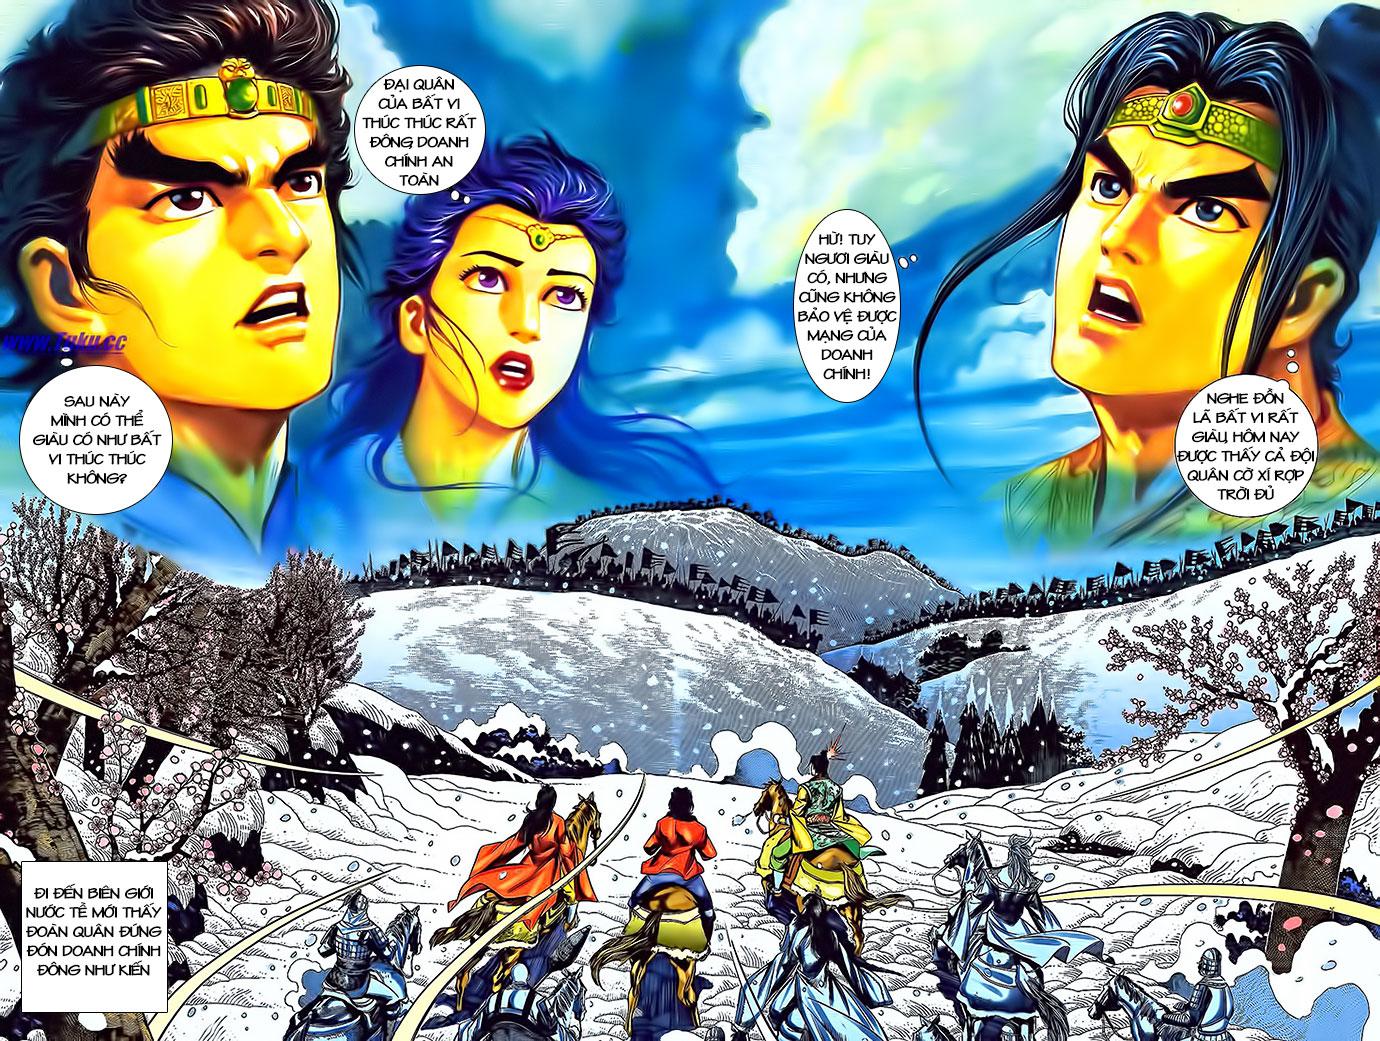 Tần Vương Doanh Chính chapter 3 trang 9